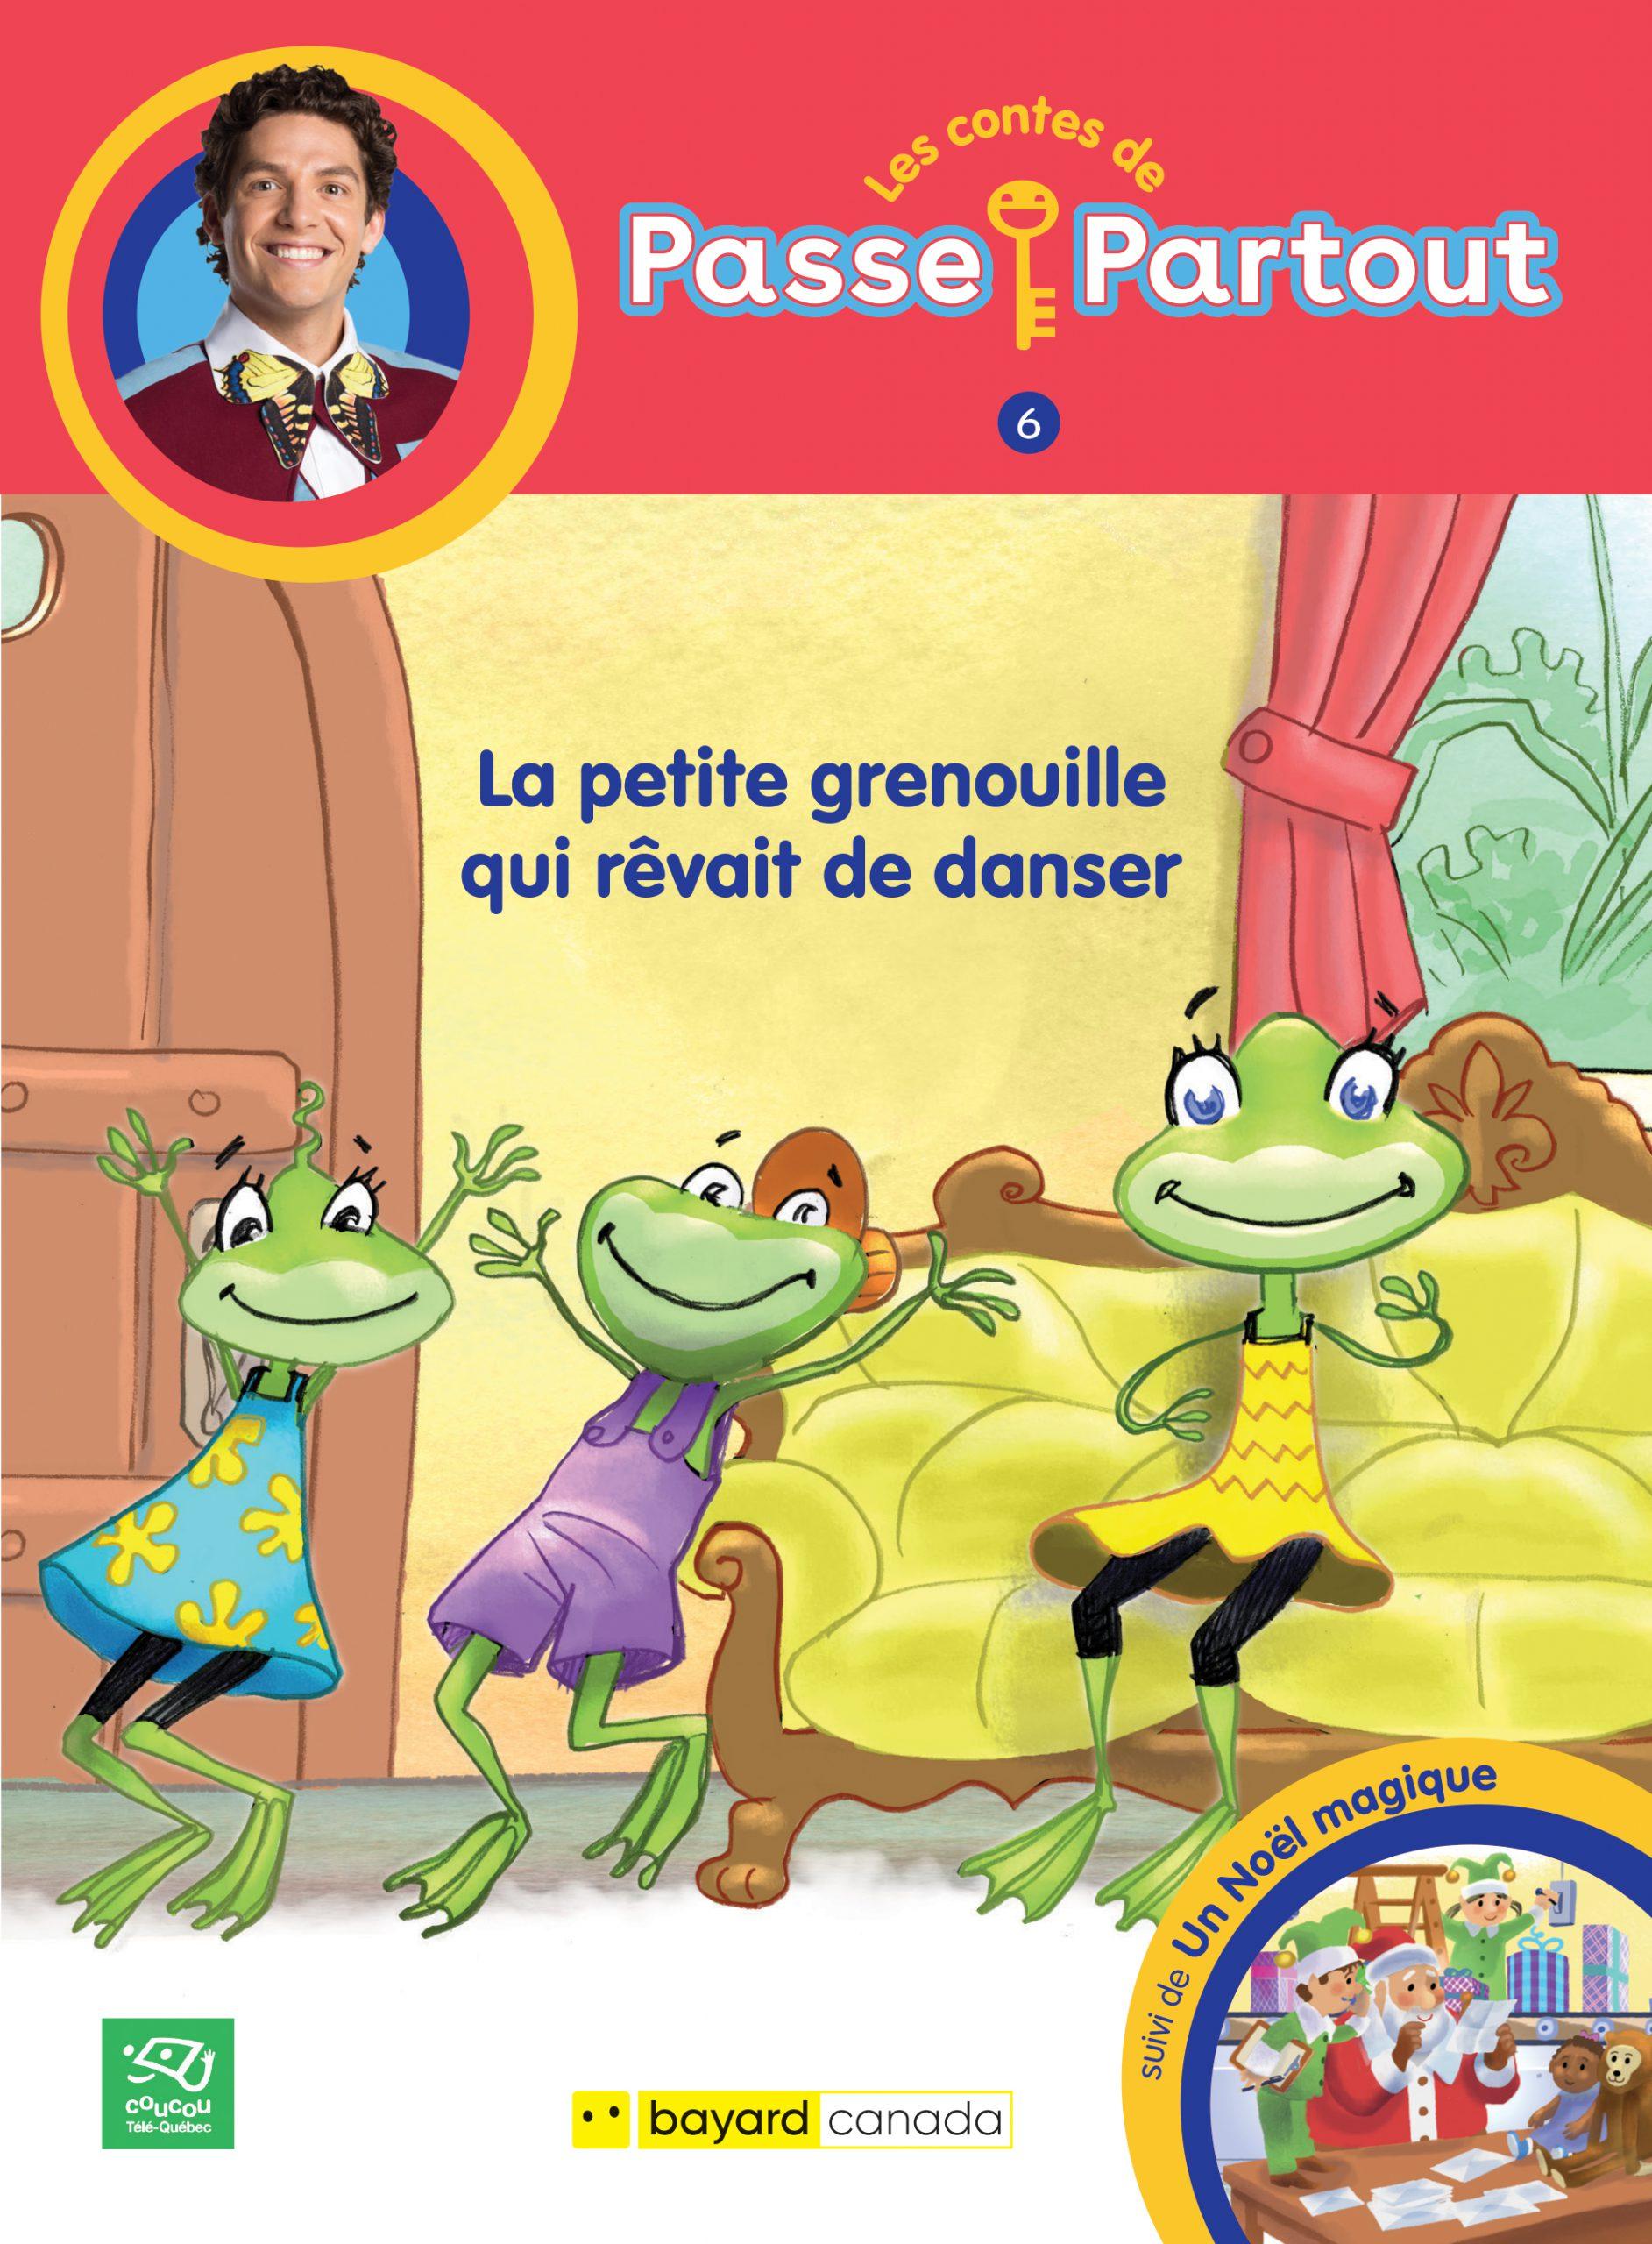 1. La petite grenouille qui rêvait de danser : 2. Un Noël magique